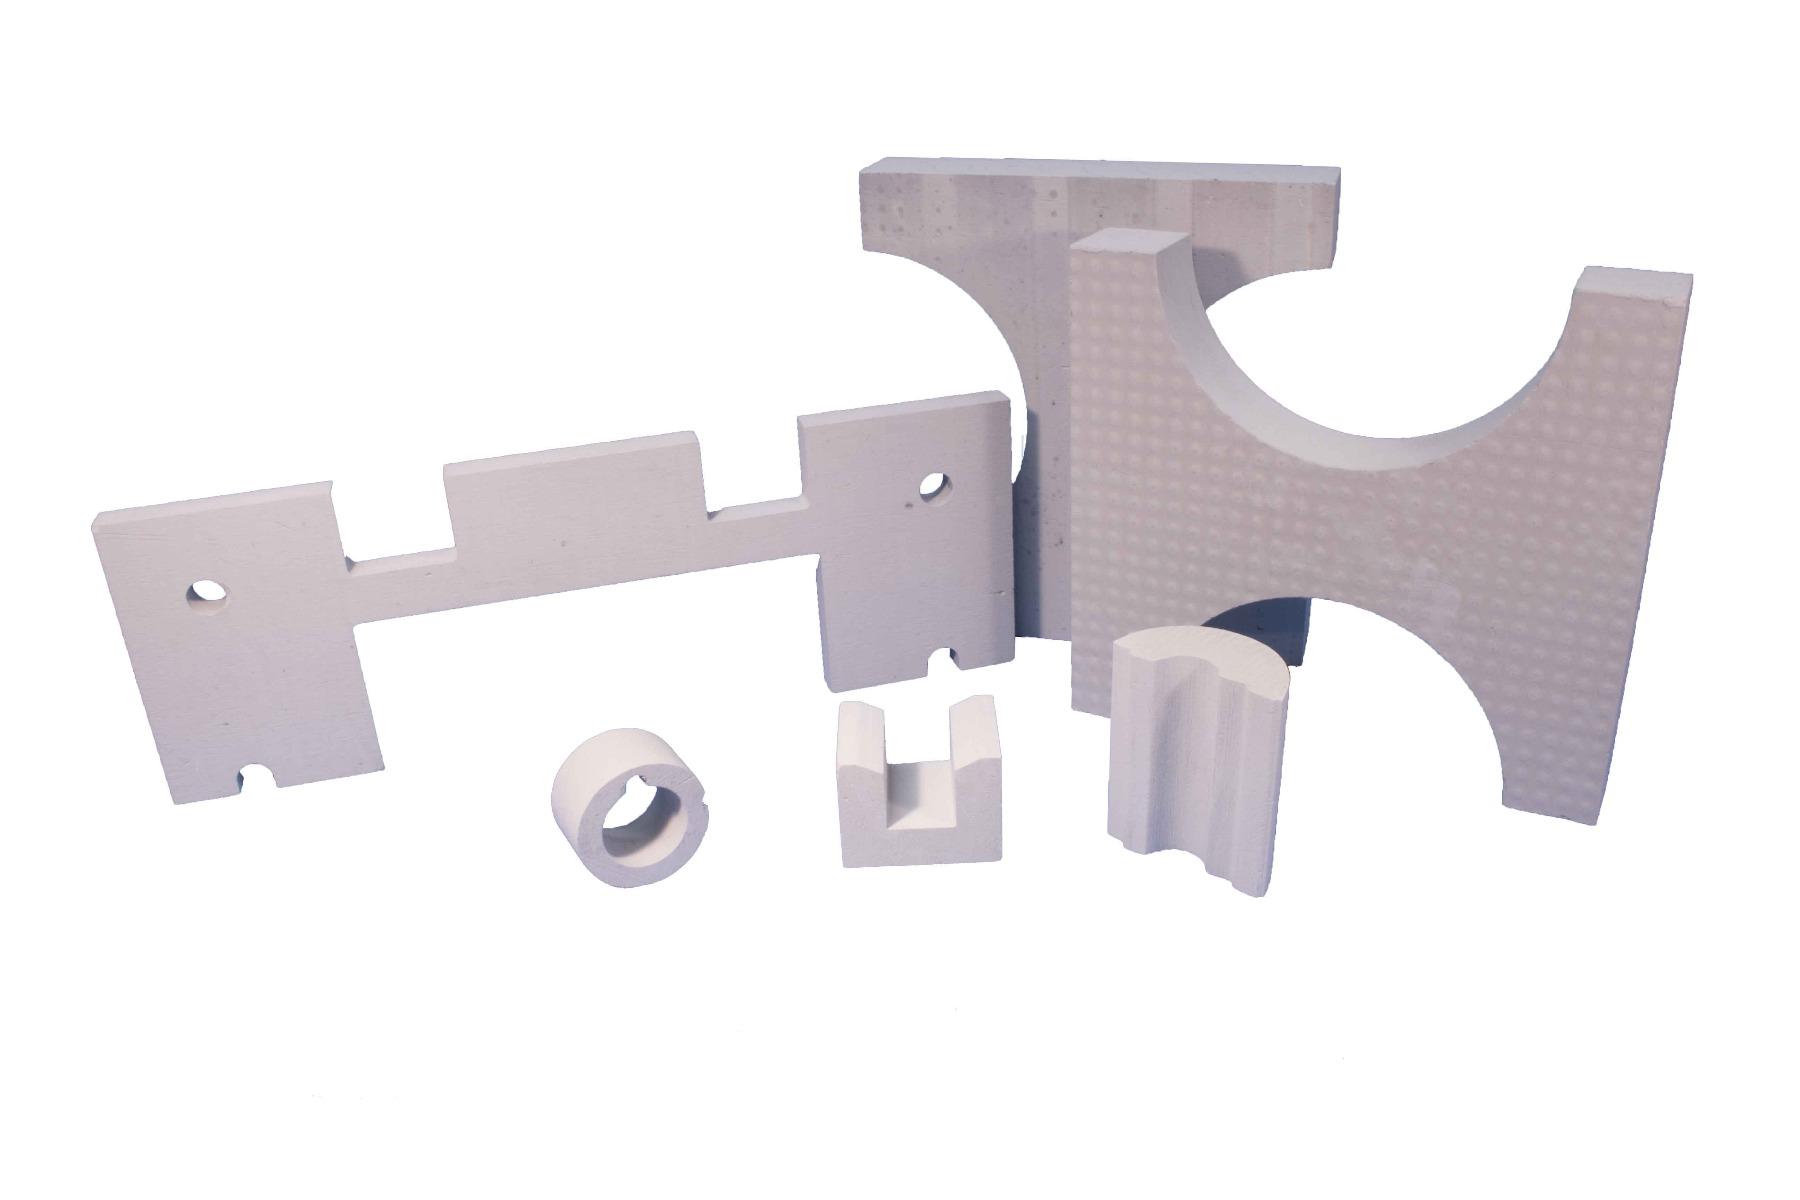 pieces_3